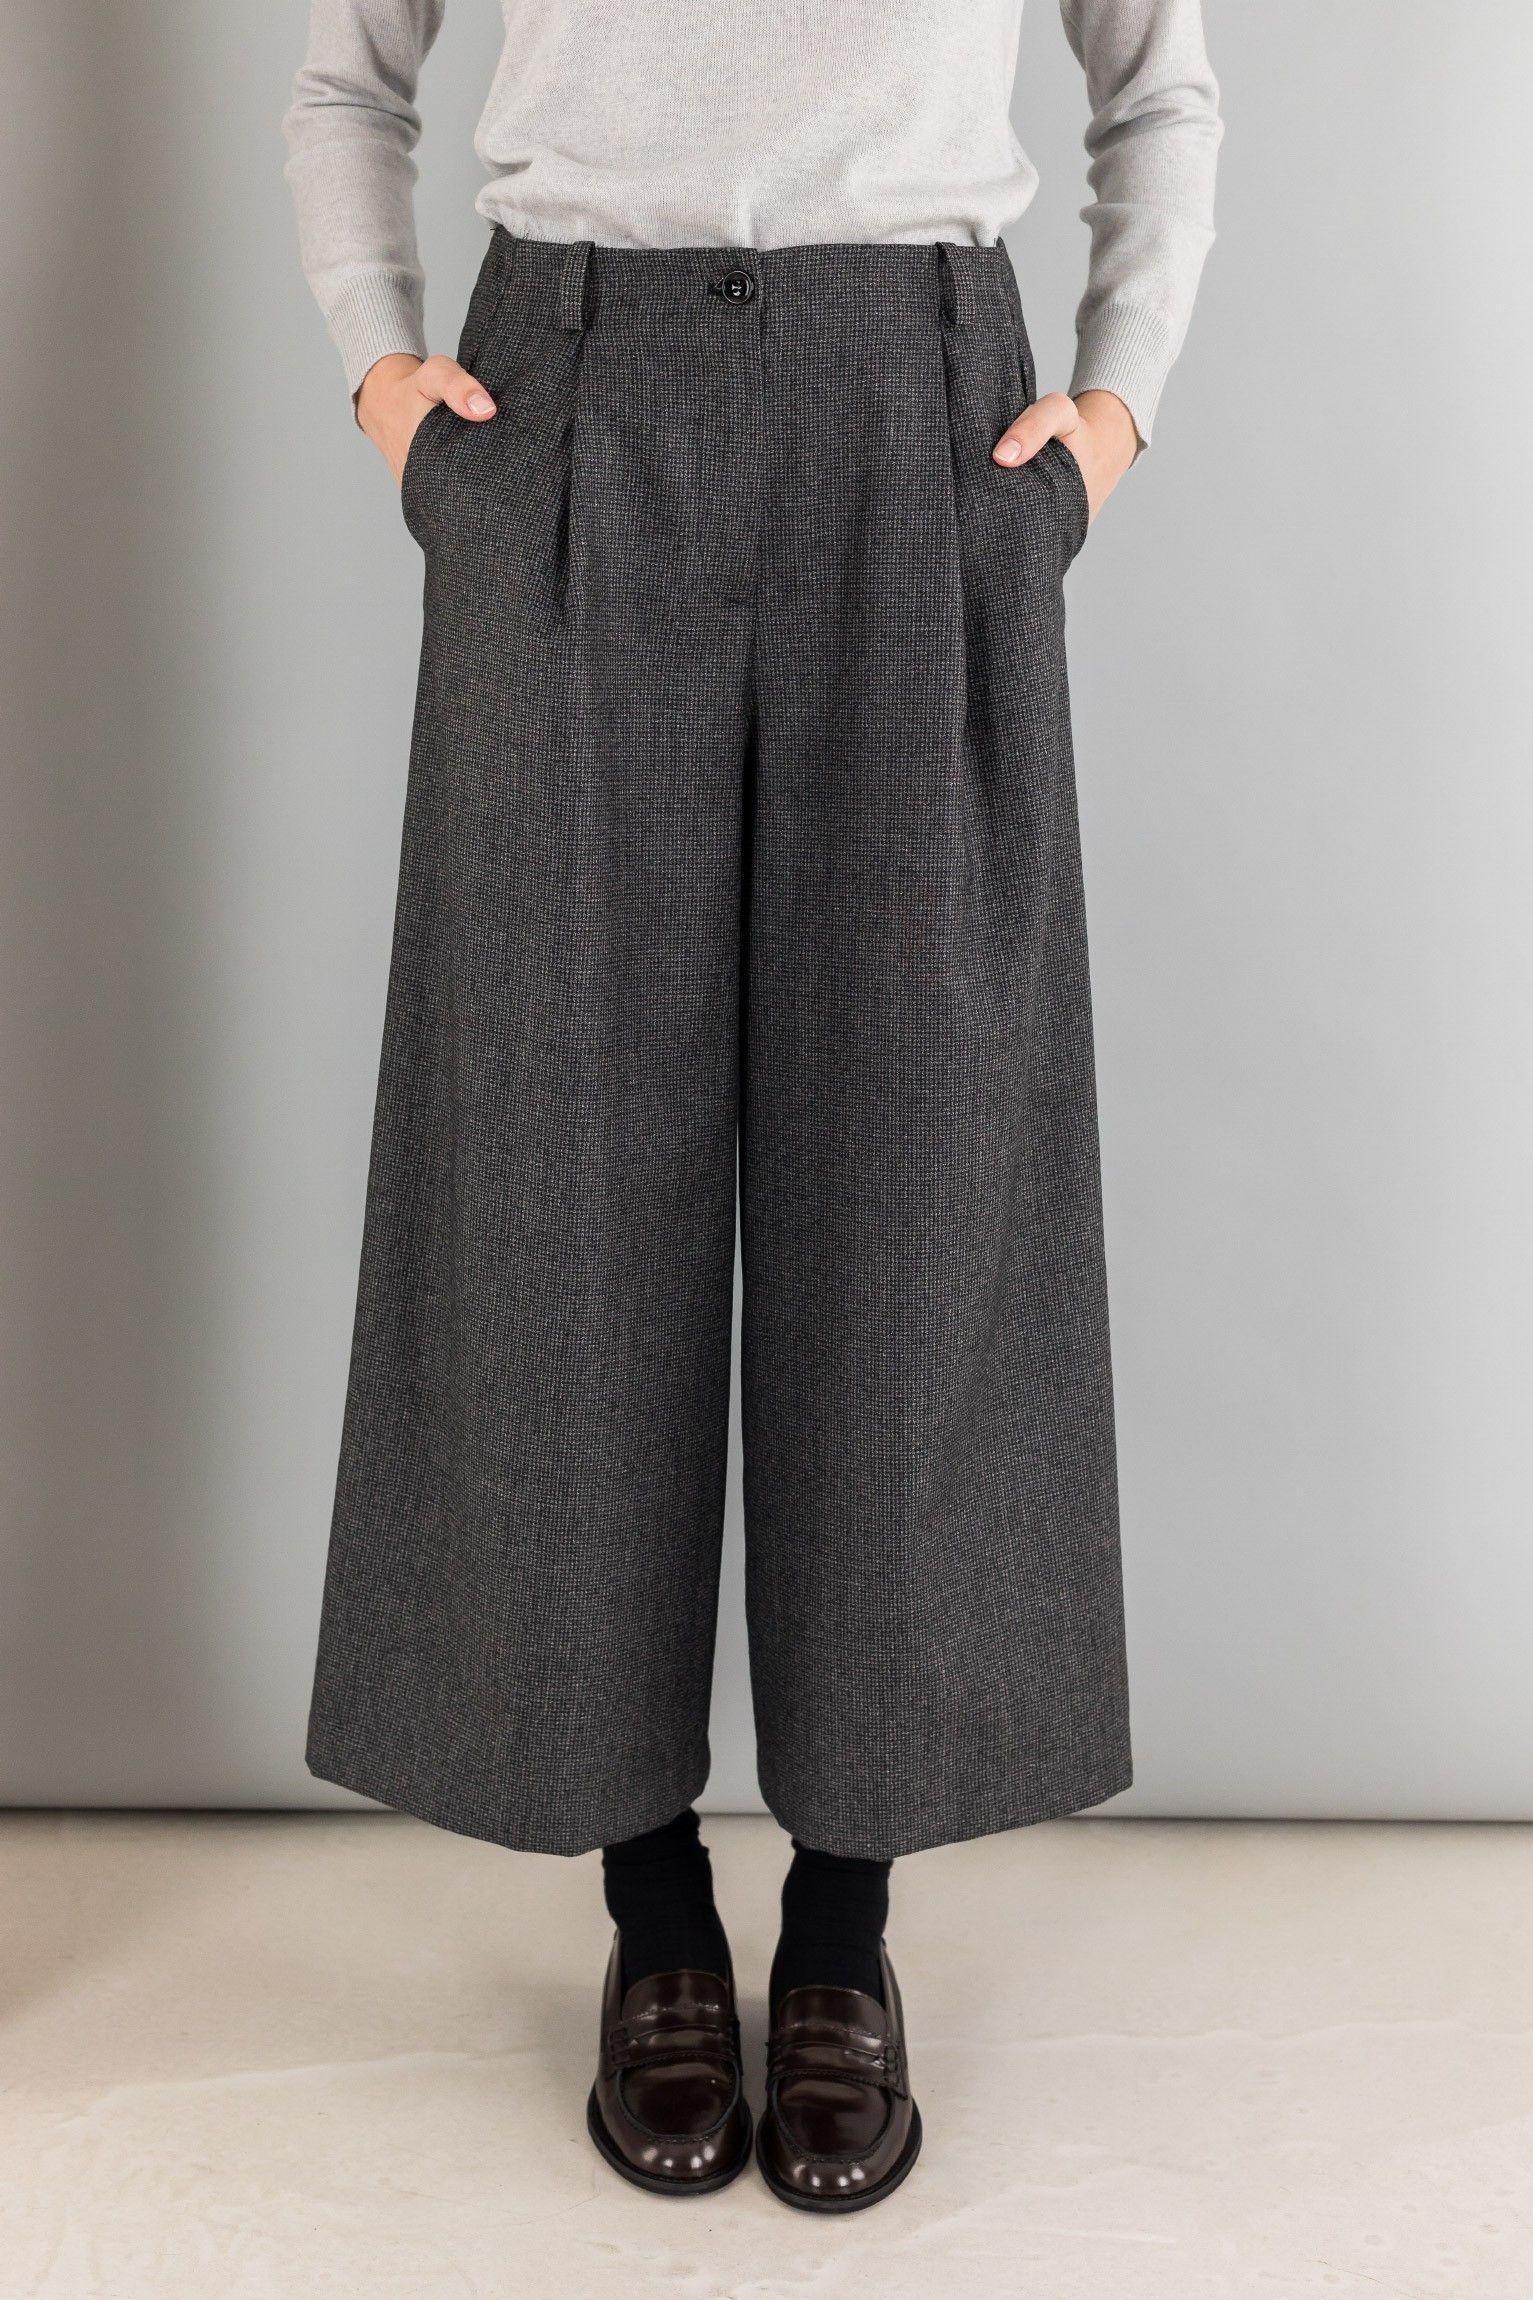 Piega Lana Tre Disponibile Varianti Pantalone In Culotte Con qxwzWpZv